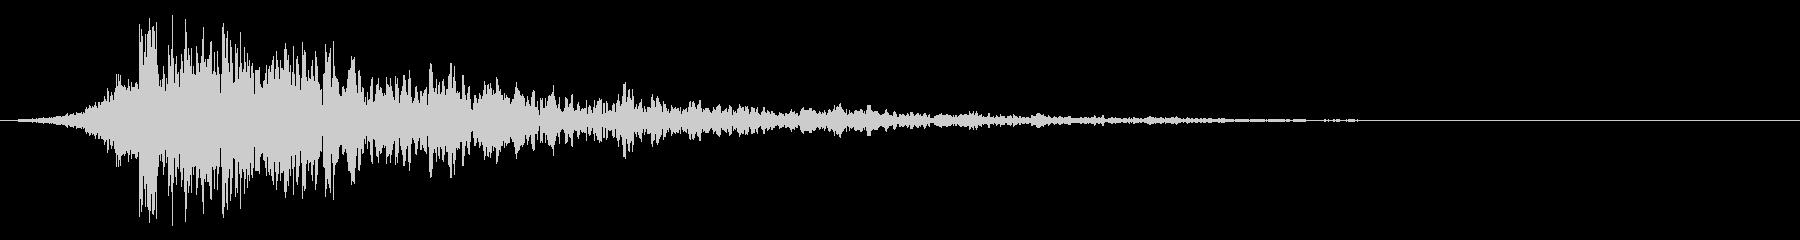 シュードーン-57-2(インパクト音)の未再生の波形